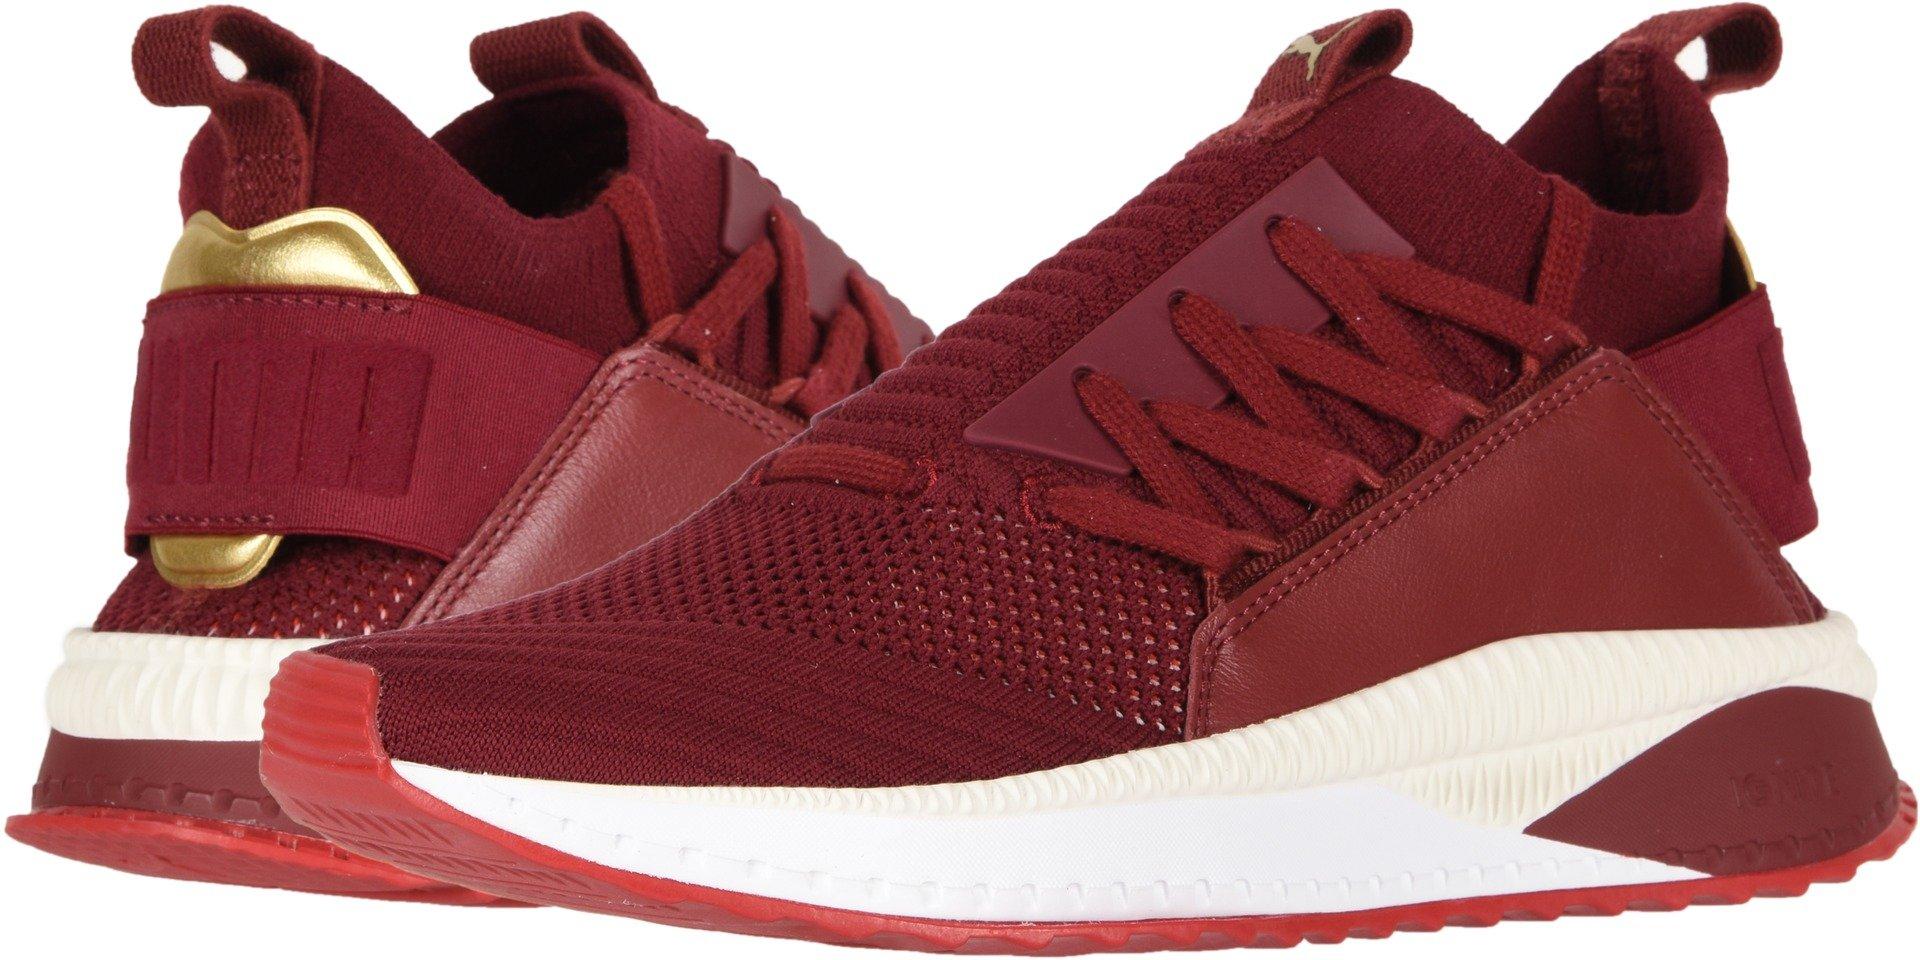 PUMA Women's Tsugi Jun Sneaker, Pomegranate-Ribbon Red White, 8.5 M US